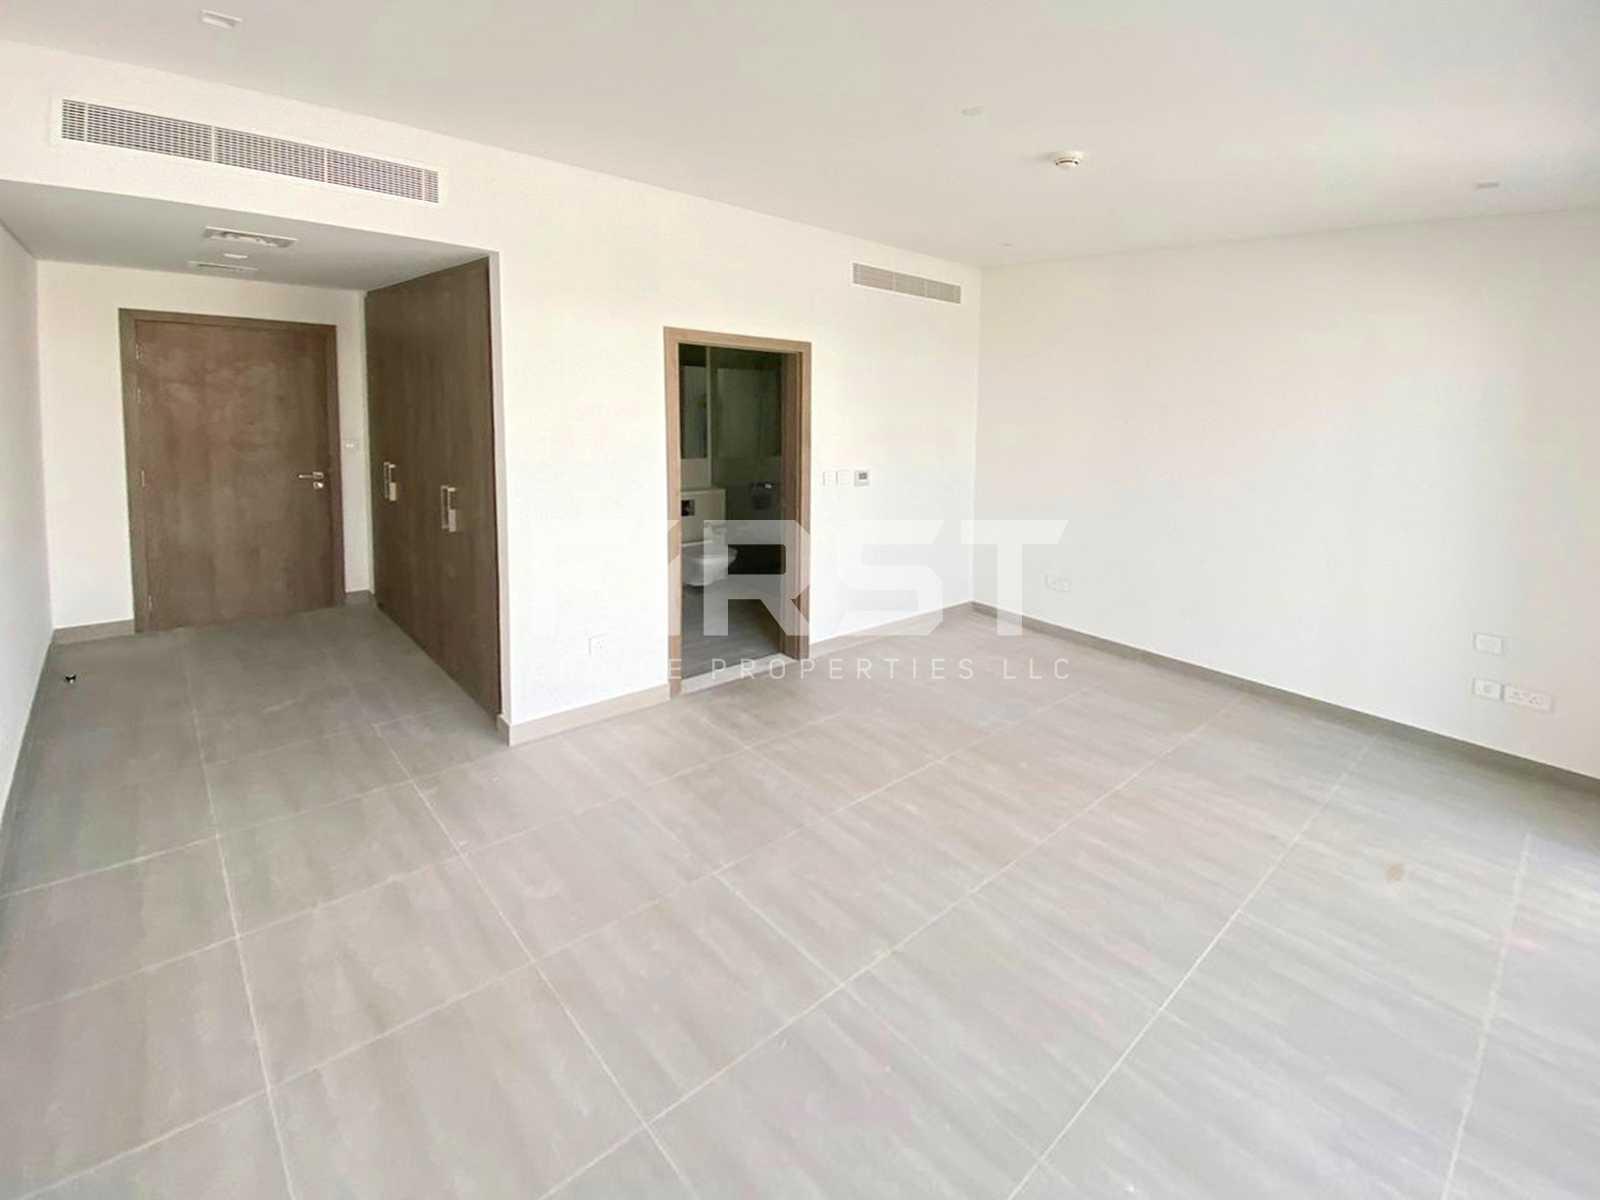 External Photo of 4 Bedroom Duplex Type 4Y in Yas Acres Yas Island AUH UAE (7).jpg